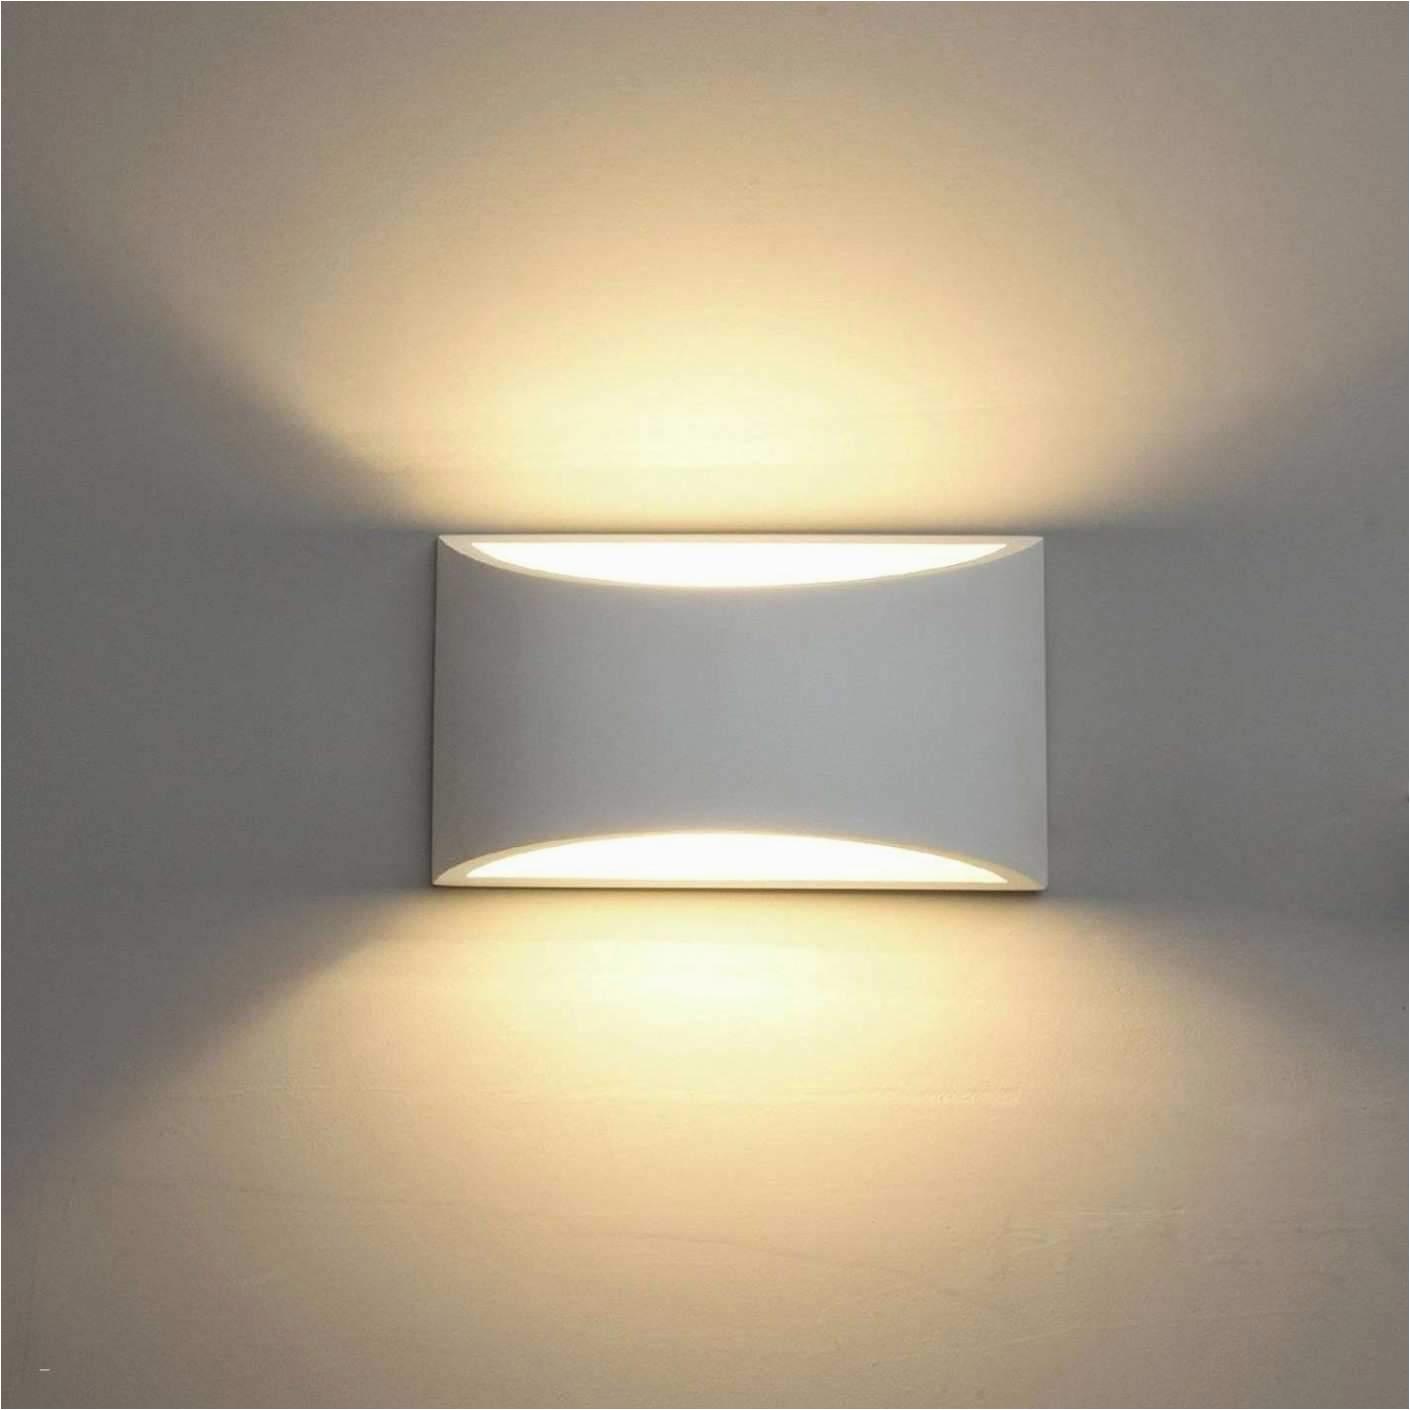 deckenlampe wohnzimmer dimmbar luxus deckenlampe schlafzimmer 0d archives design von led lampen of deckenlampe wohnzimmer dimmbar